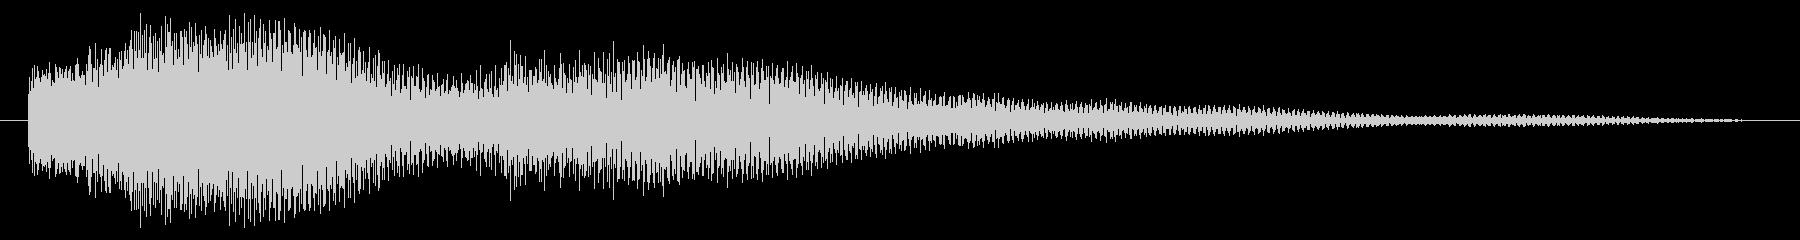 人狼・脱出ゲーム用効果音「場面転換・鐘」の未再生の波形